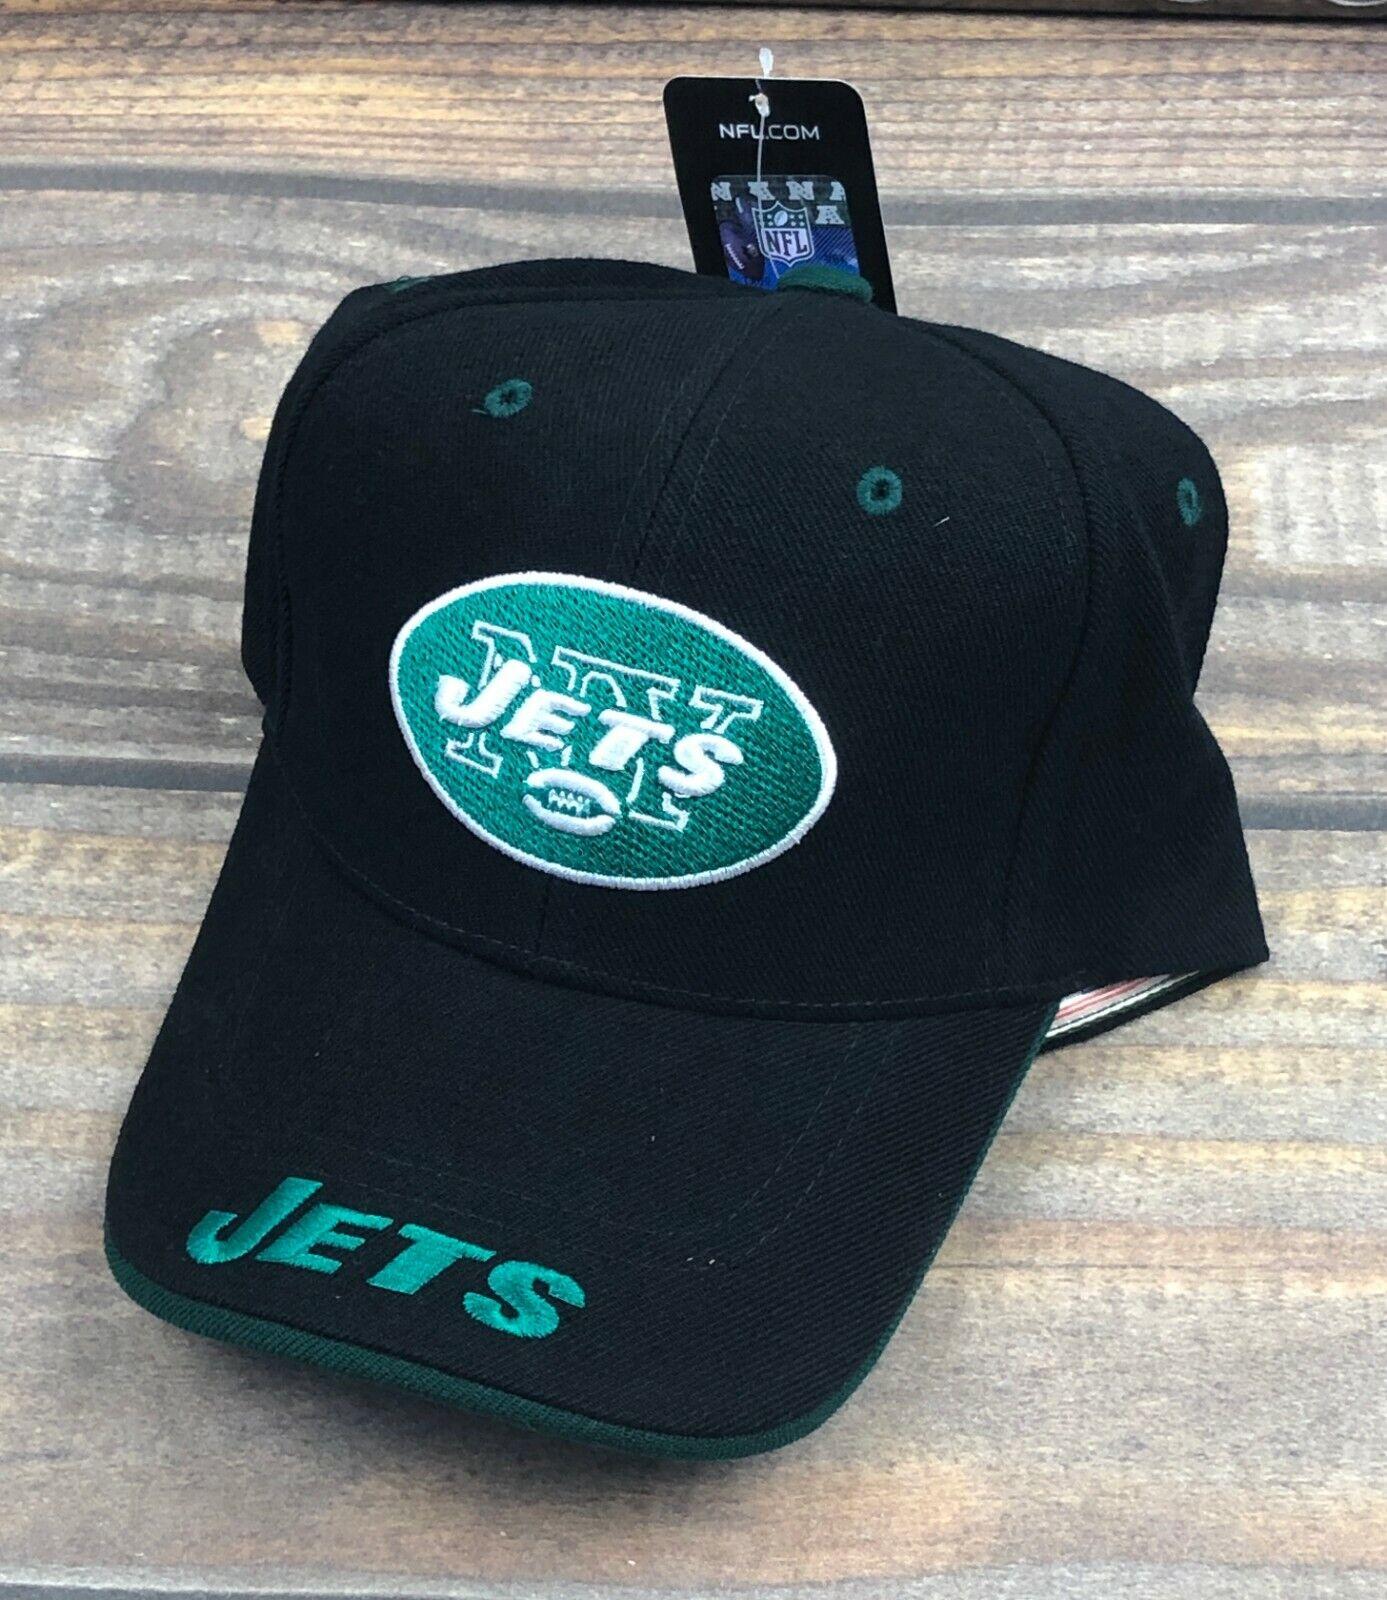 New York Jets NFL Strapback Curved Brim Adjustable Hat Cap,